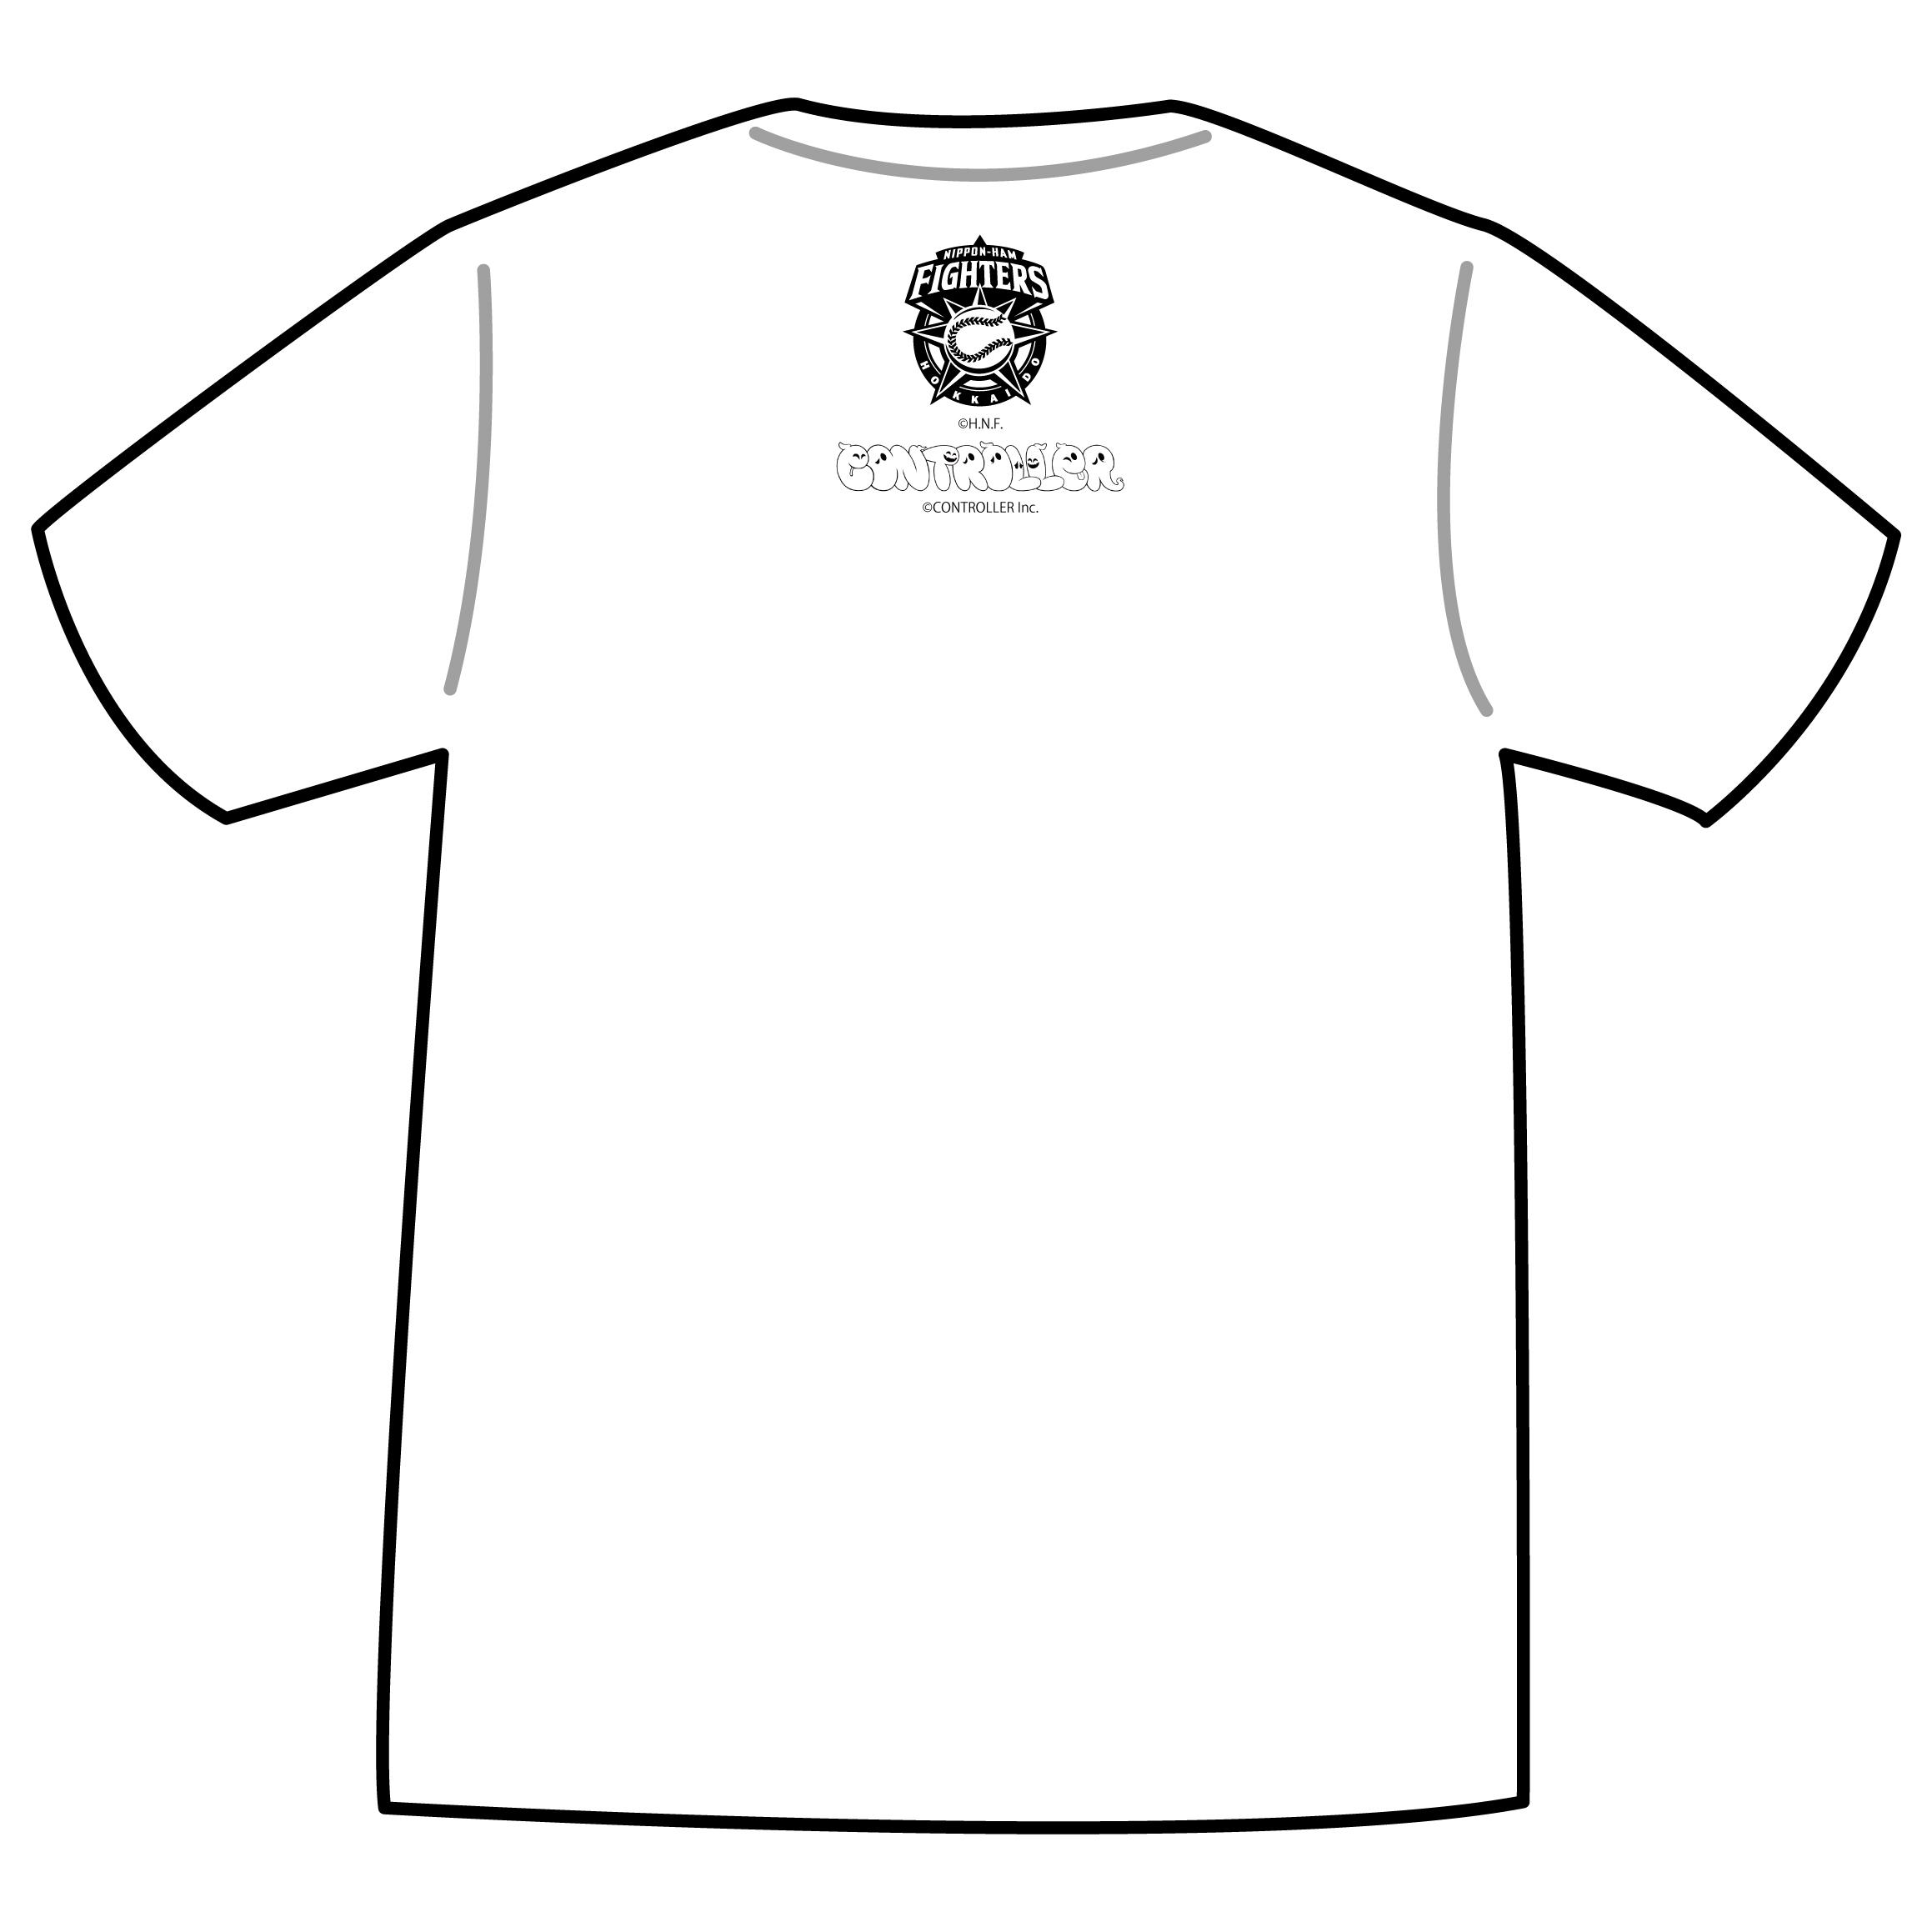 ドットファイターズ 「うわさわ」 Tシャツ ホワイト